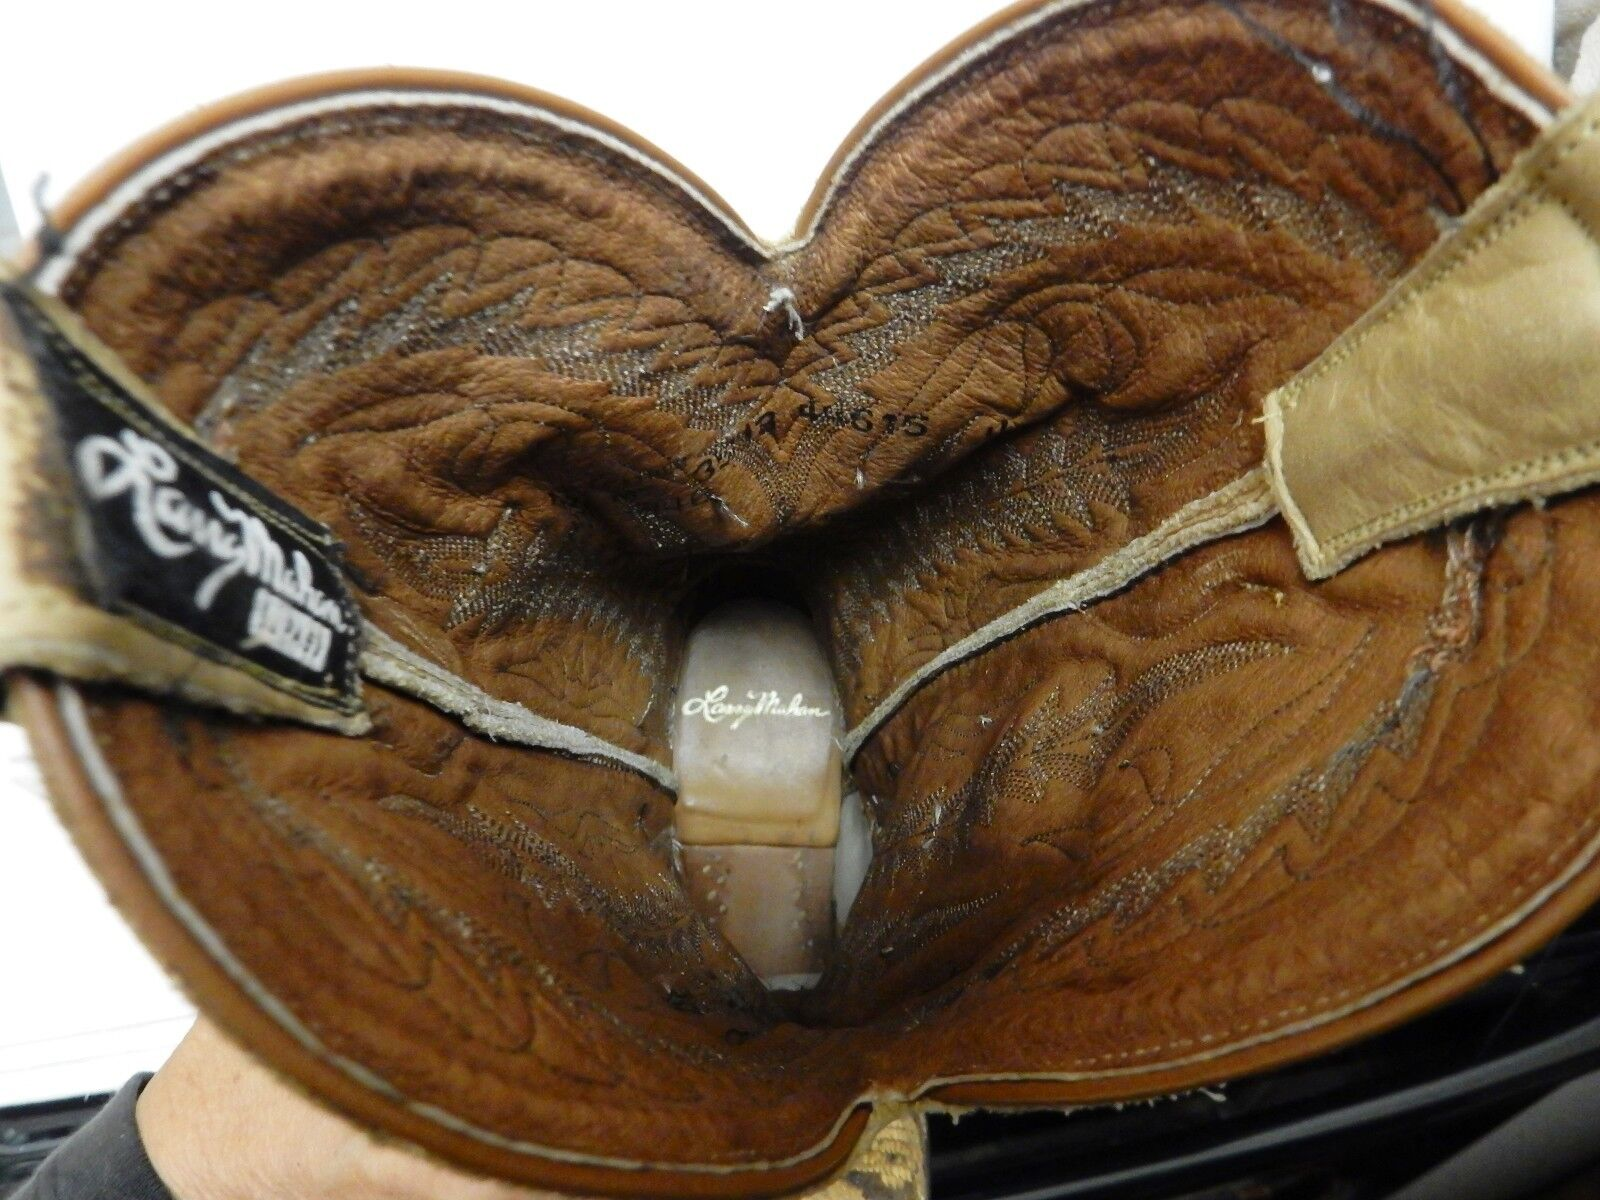 Larry Mahan Cowboy Boots Boots Boots Python Reptile Snakeskin Leather Tan Women's 7 M 49de8d